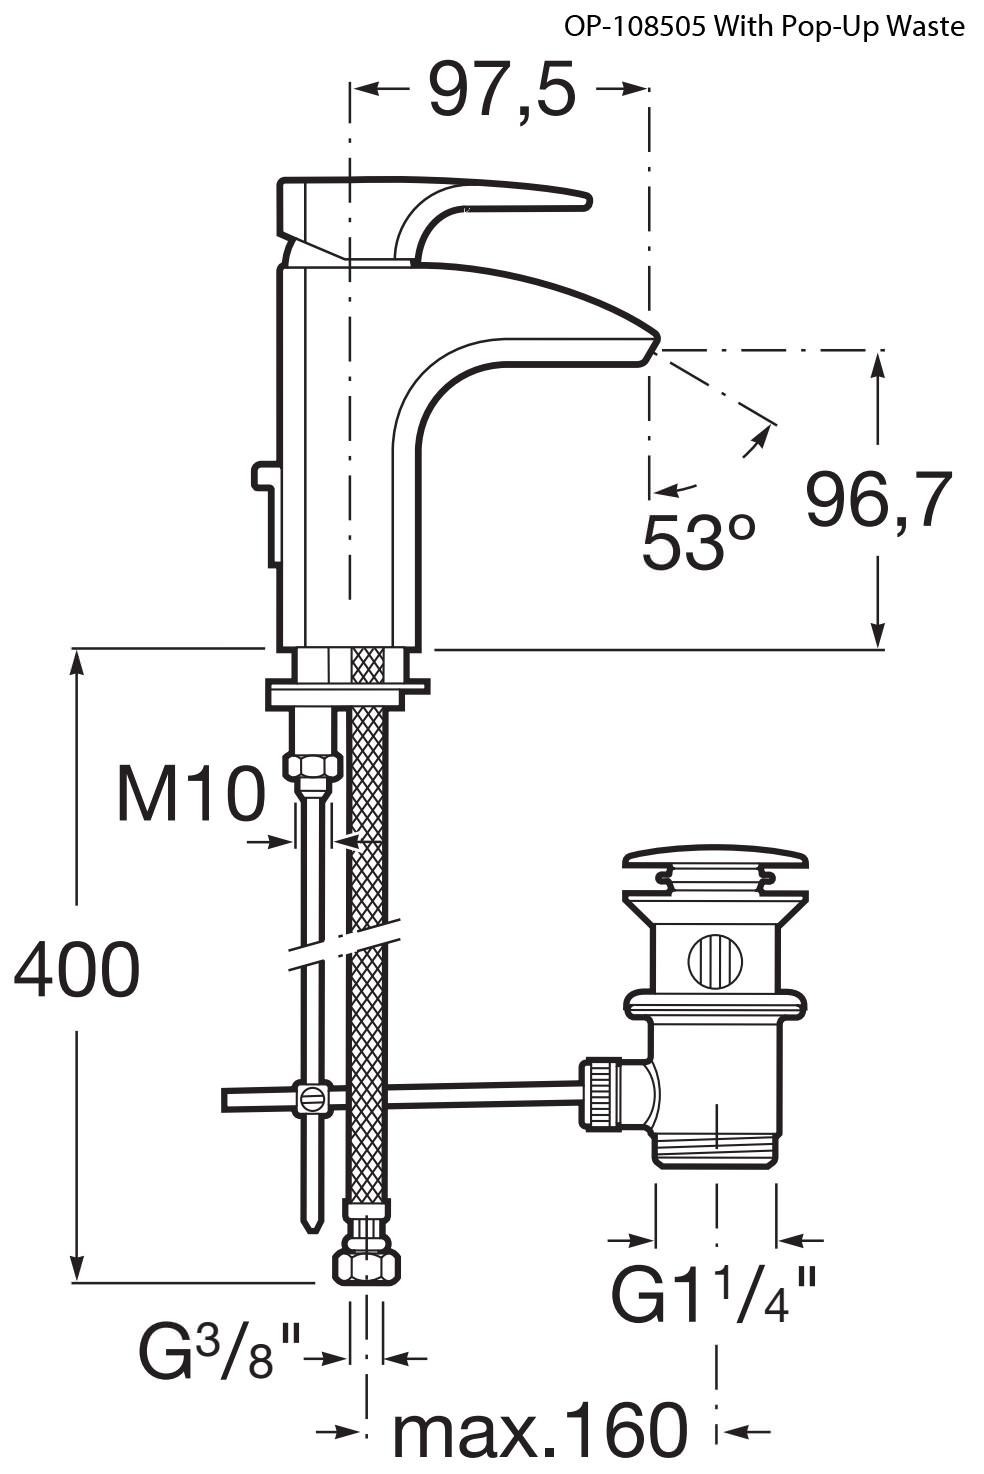 thesis basin mixer Buy roca thesis built-in basin mixer tap with flow limiter - chrome at heatandplumbcom roca part no: 5a4550c00 free uk.